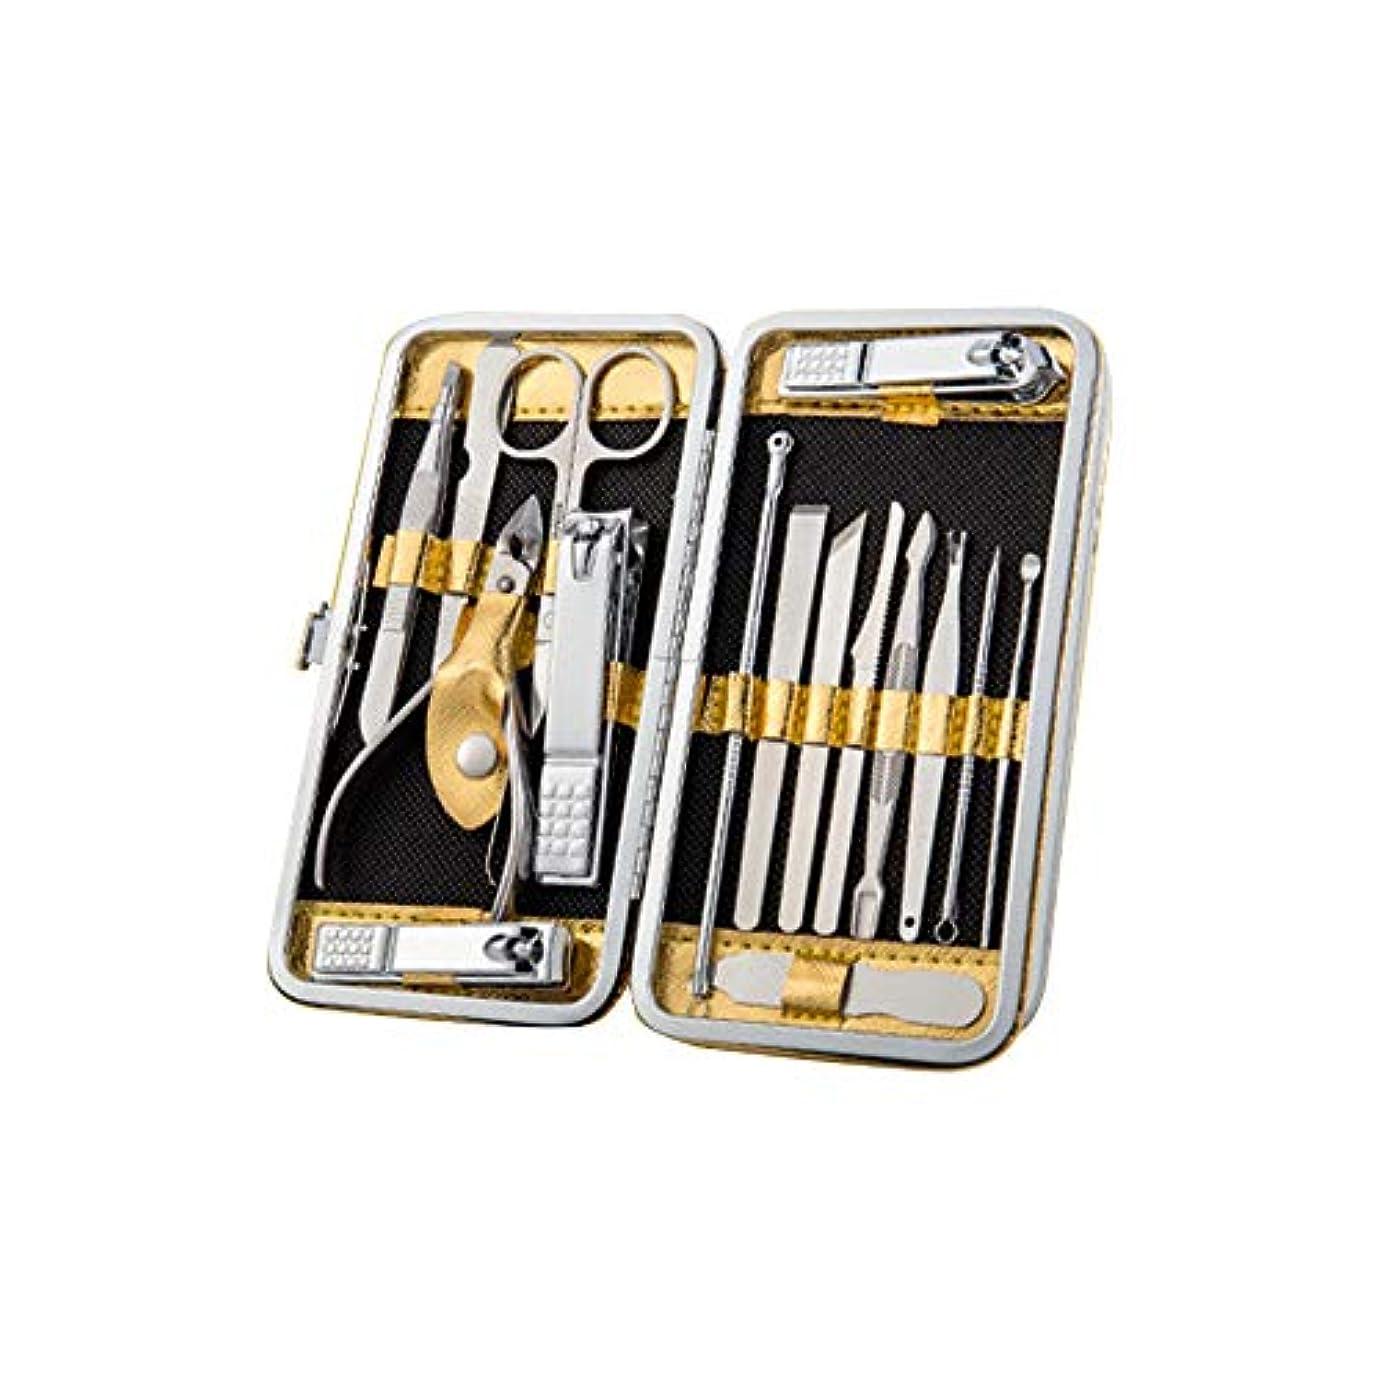 検閲潤滑する姿勢BOZEVON ネイルケア16点セット - 角質ケアステンレス製爪切りセット手用 足用, ゴールド